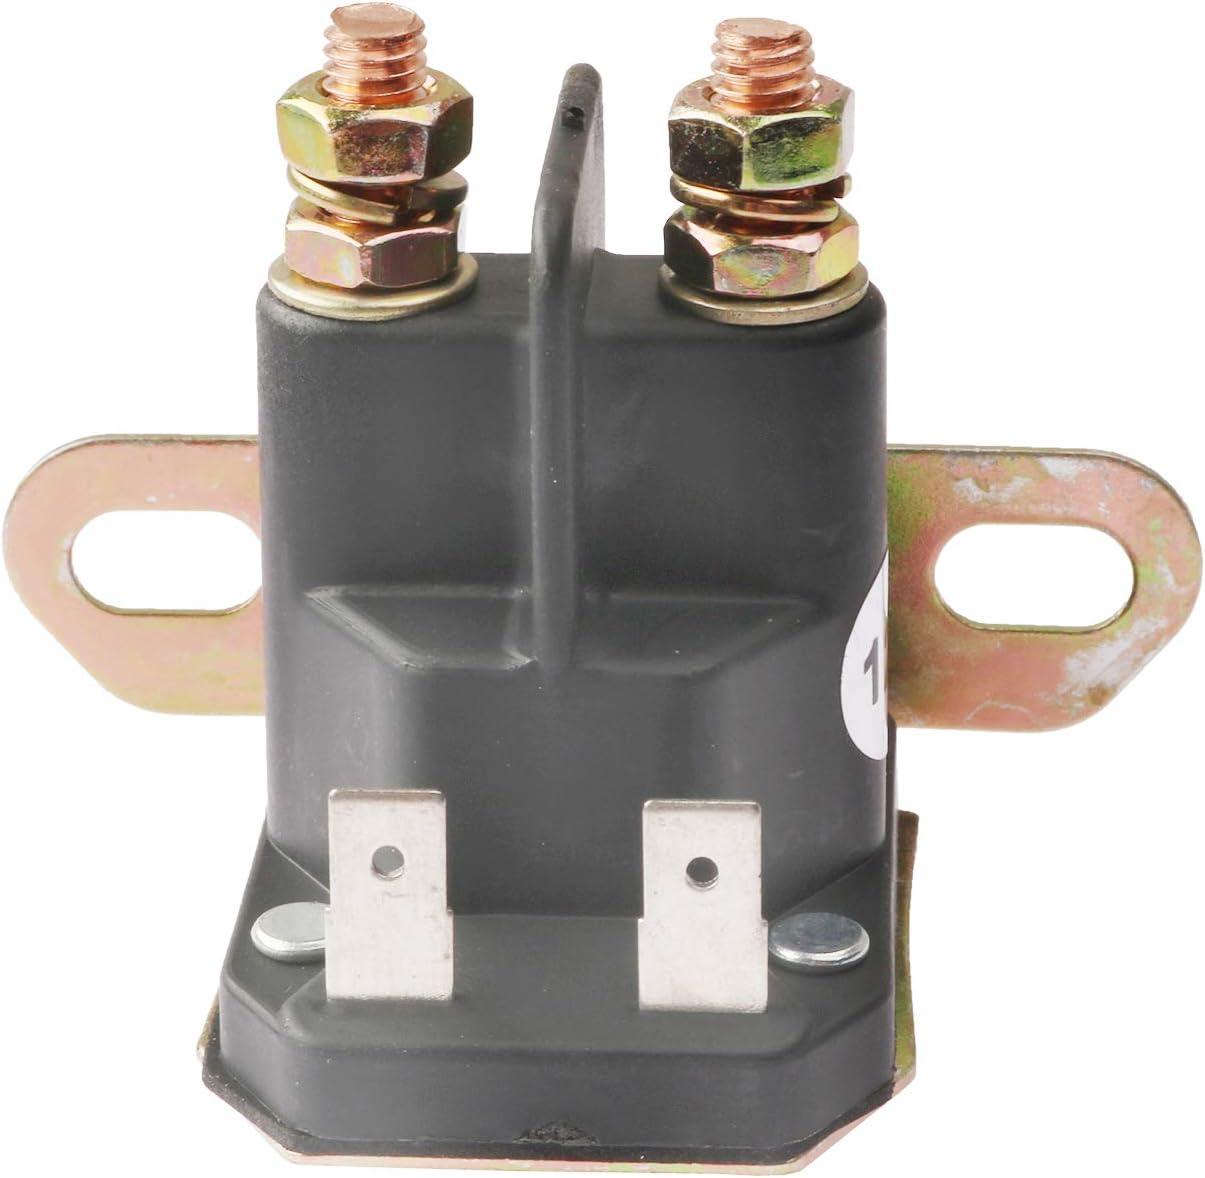 YIXIN 862-1211-211-16 Solenoid Relay 12V for Trombetta John Deere AM138068 725-04439 LA100 LA105 LA110 LA115 LA120 LA125